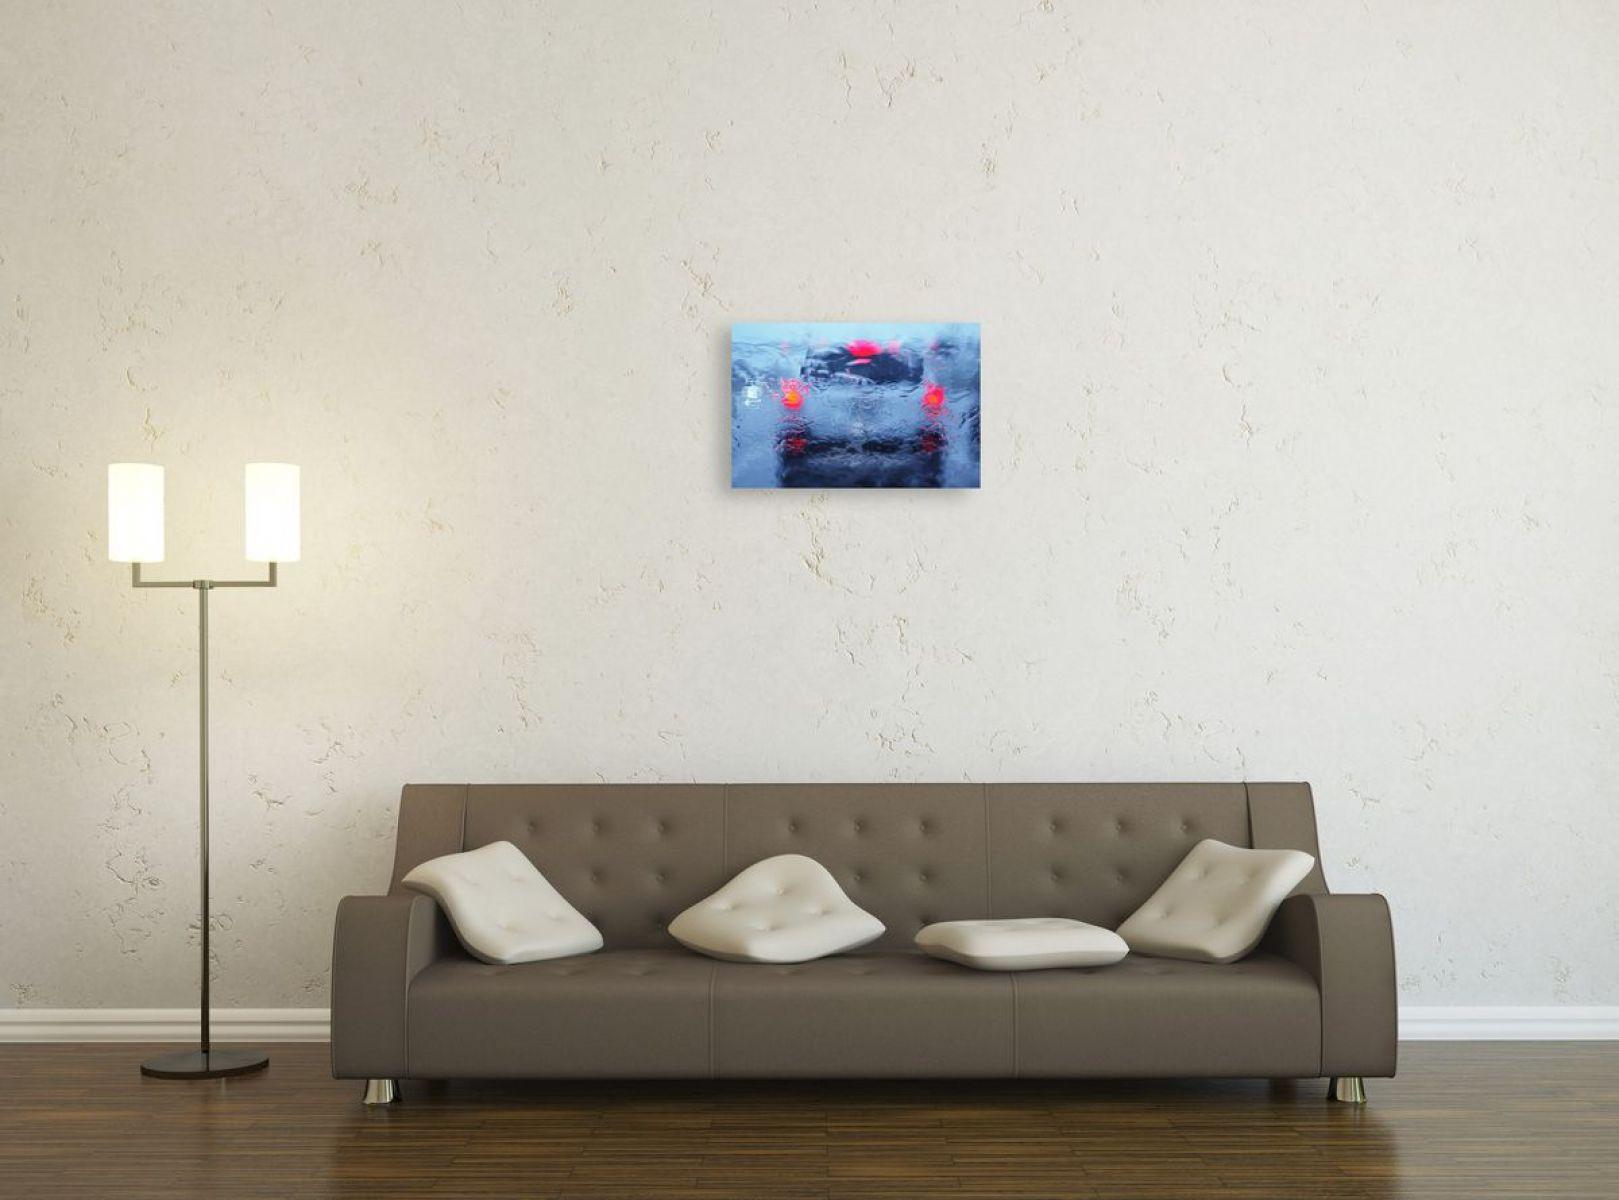 photographie d 39 art d 39 un pare brise un jour de pluie aux etats unis. Black Bedroom Furniture Sets. Home Design Ideas